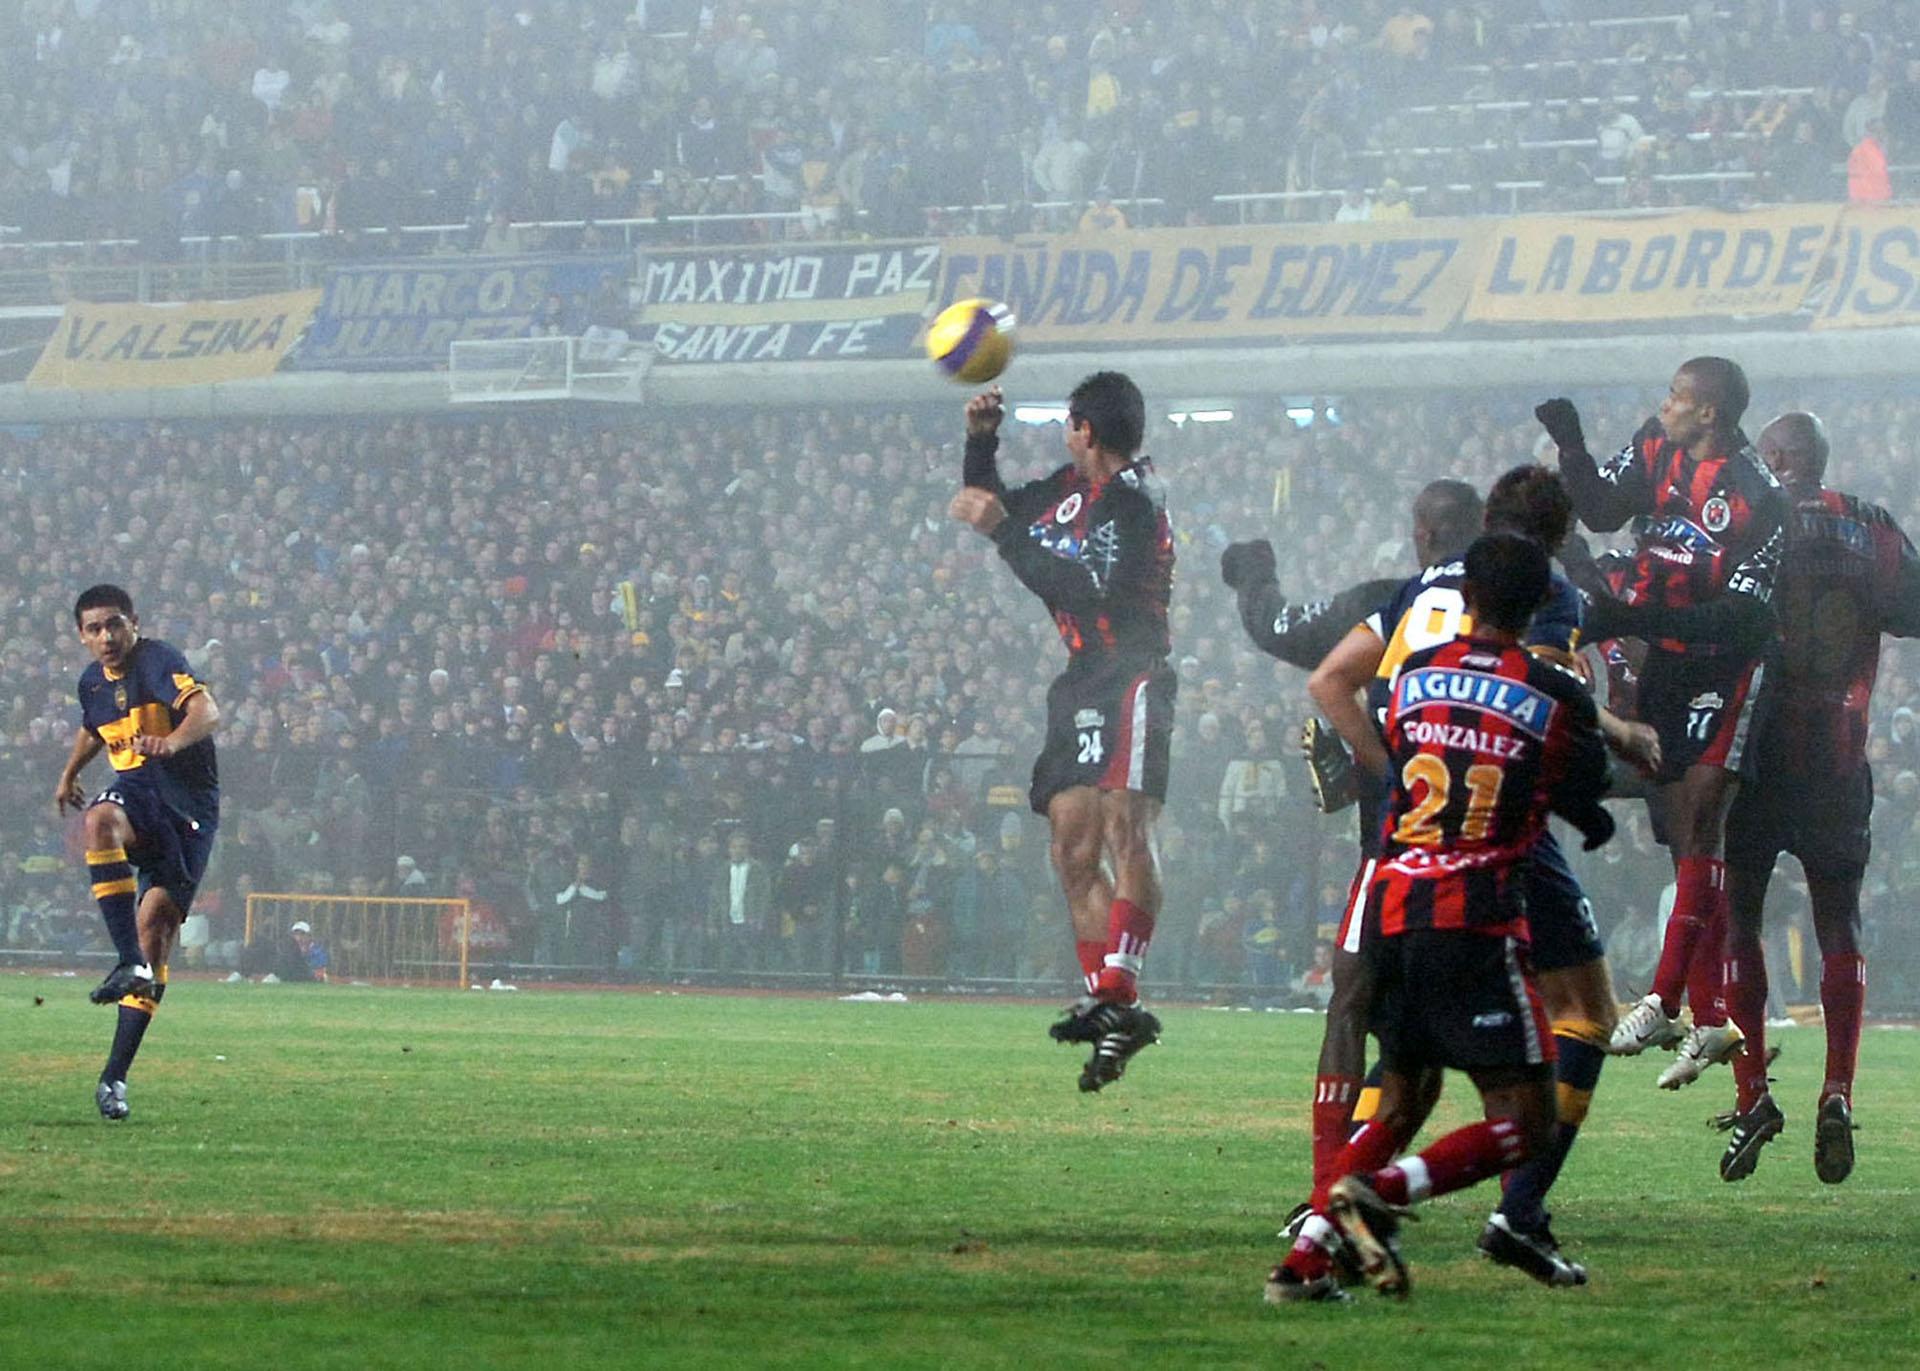 Un gol de tiro libre durante el encuentro en el que Boca vencio por 3 a 0 al Cucuta Deportivo de Colombia en La Bombonera por la Copa Libertadores de America (NA)